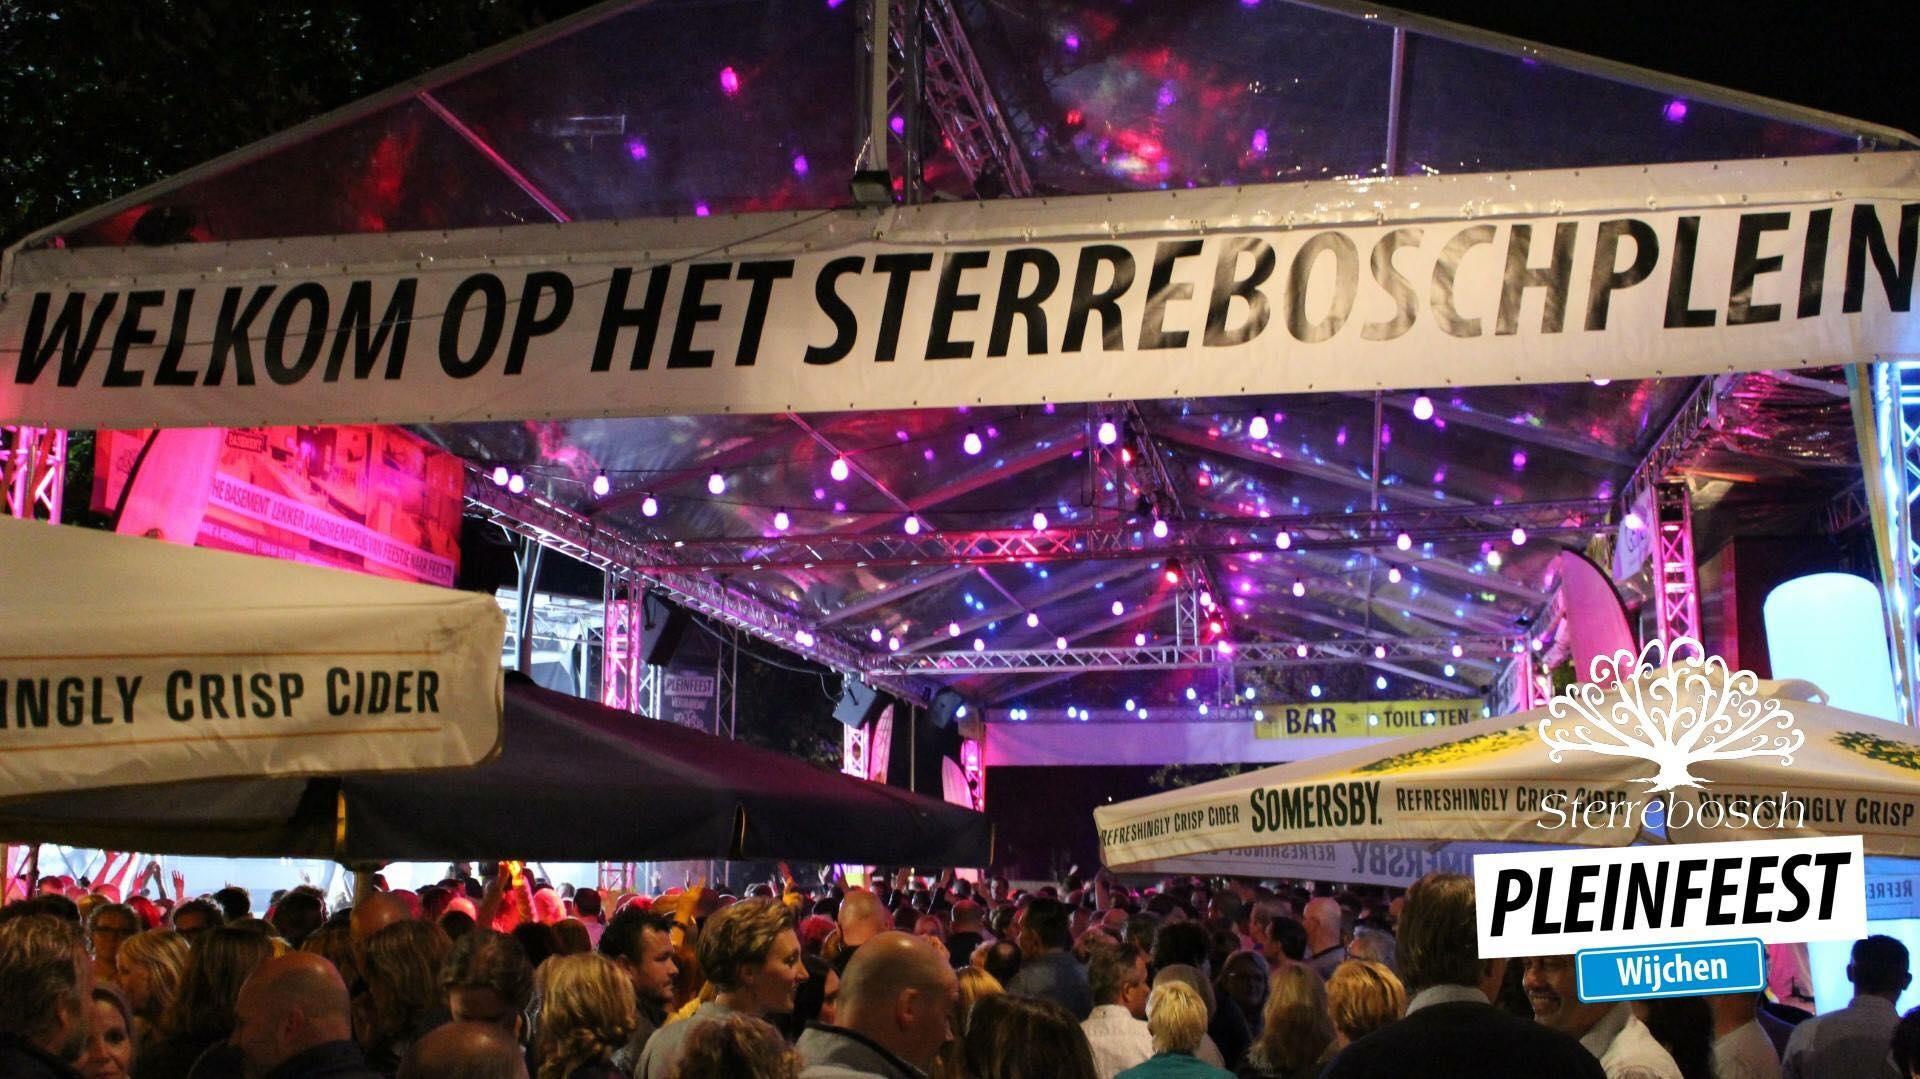 Boete voor Sterrebosch gaat in rook op